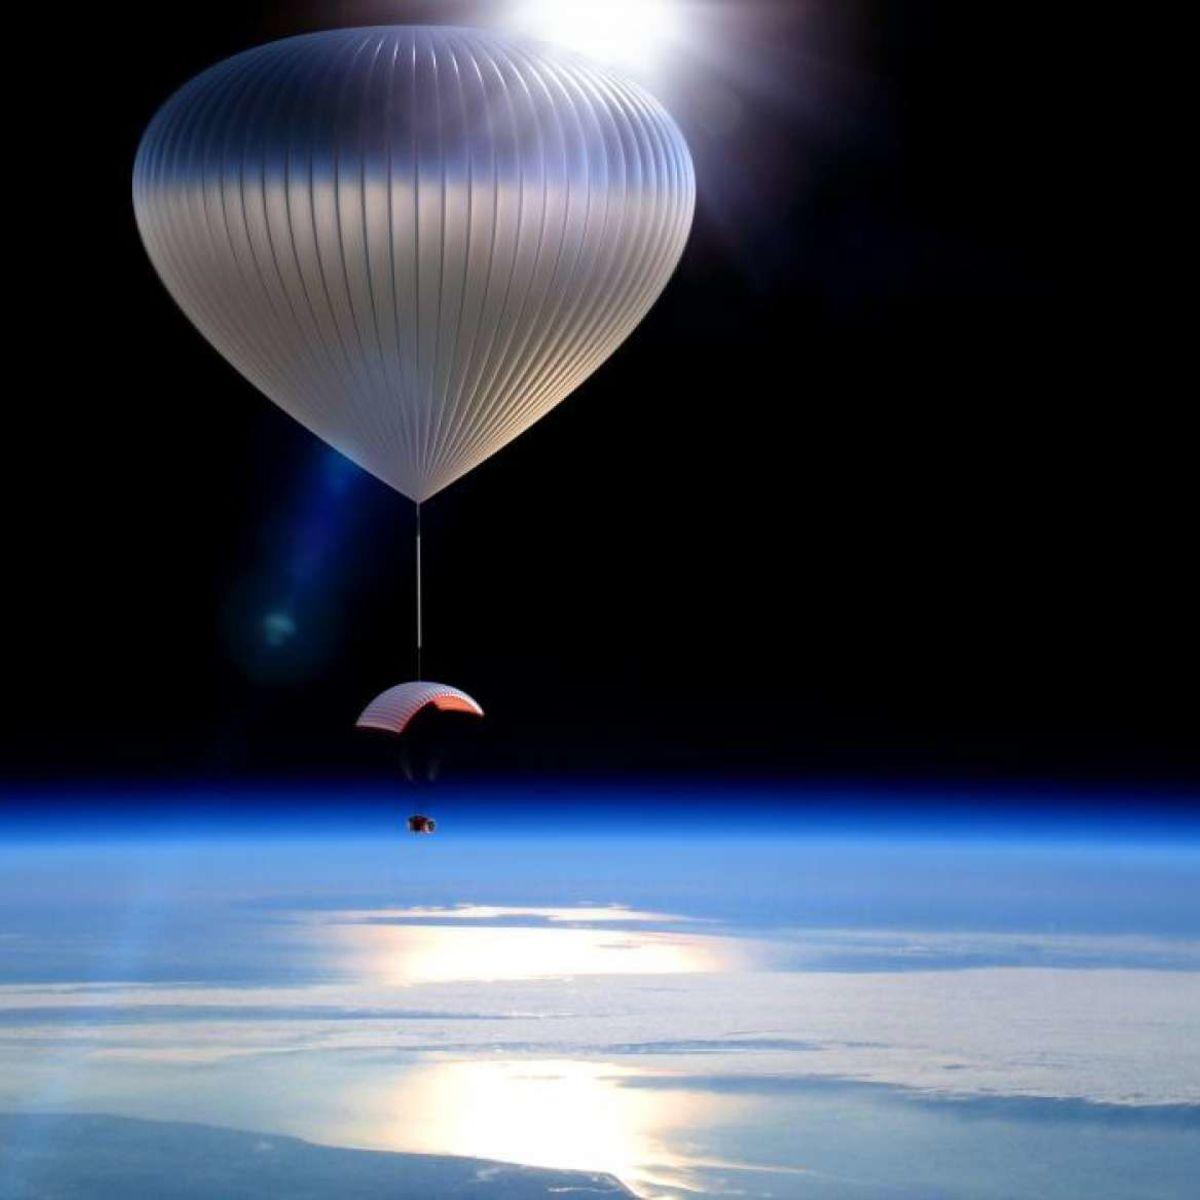 capsule_balloon_space_131112_3.jpg